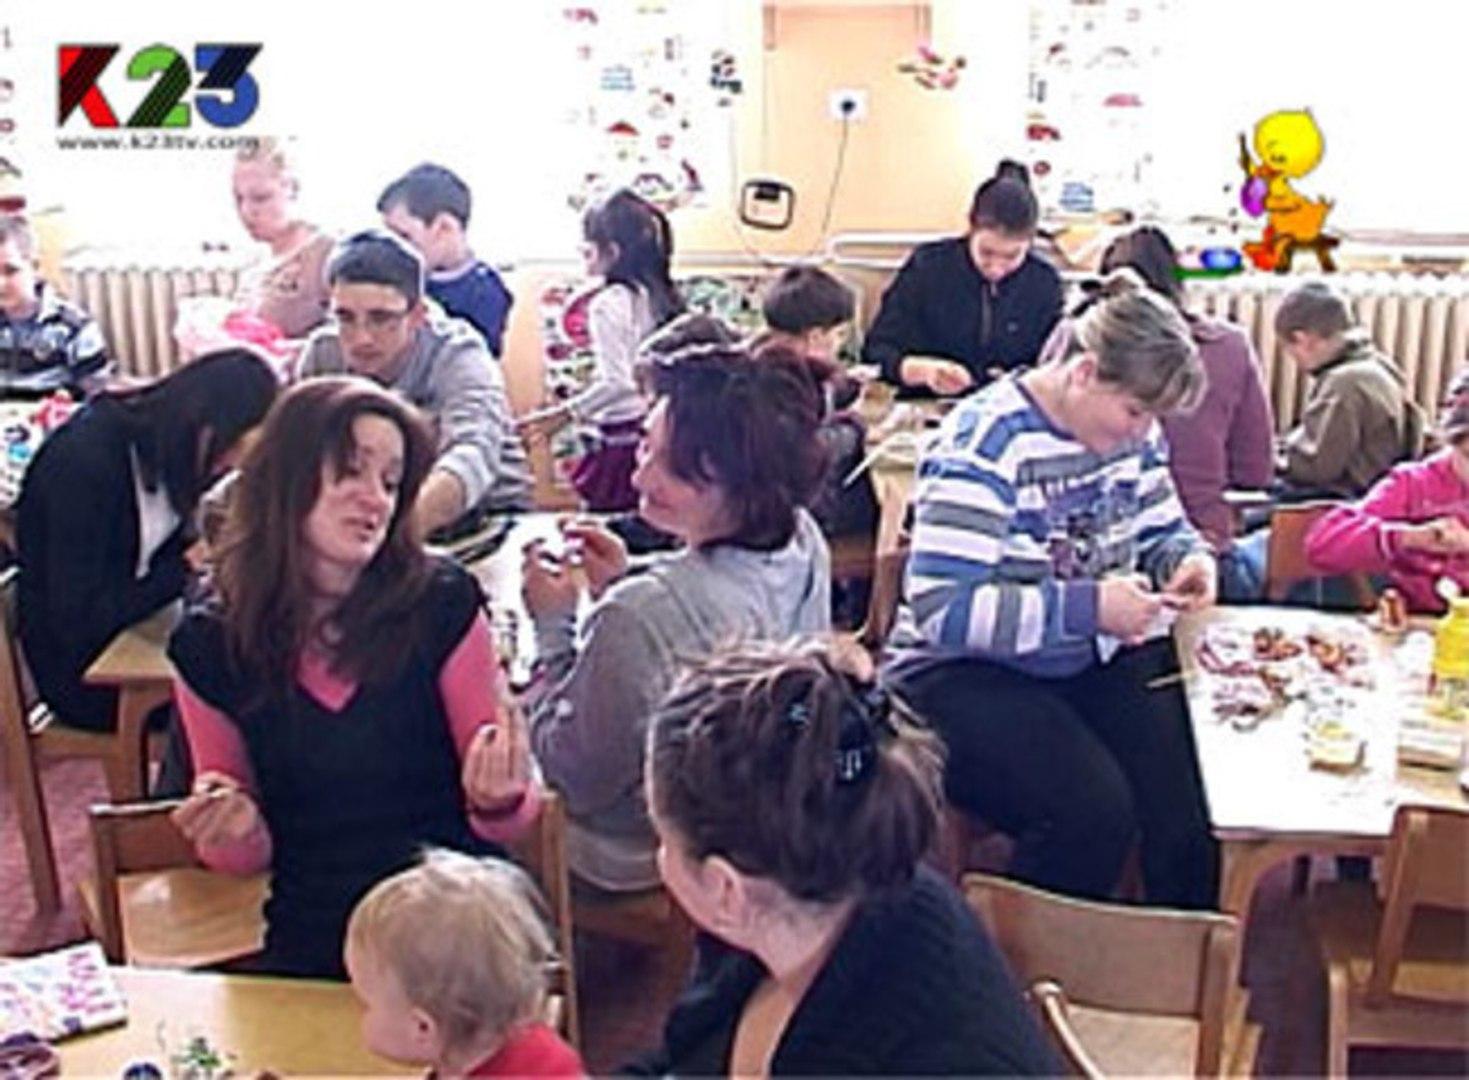 K23TV - Zemlja igračaka - Uskrs, Obdanište Snežana, Subotica - 28. mart 2013.